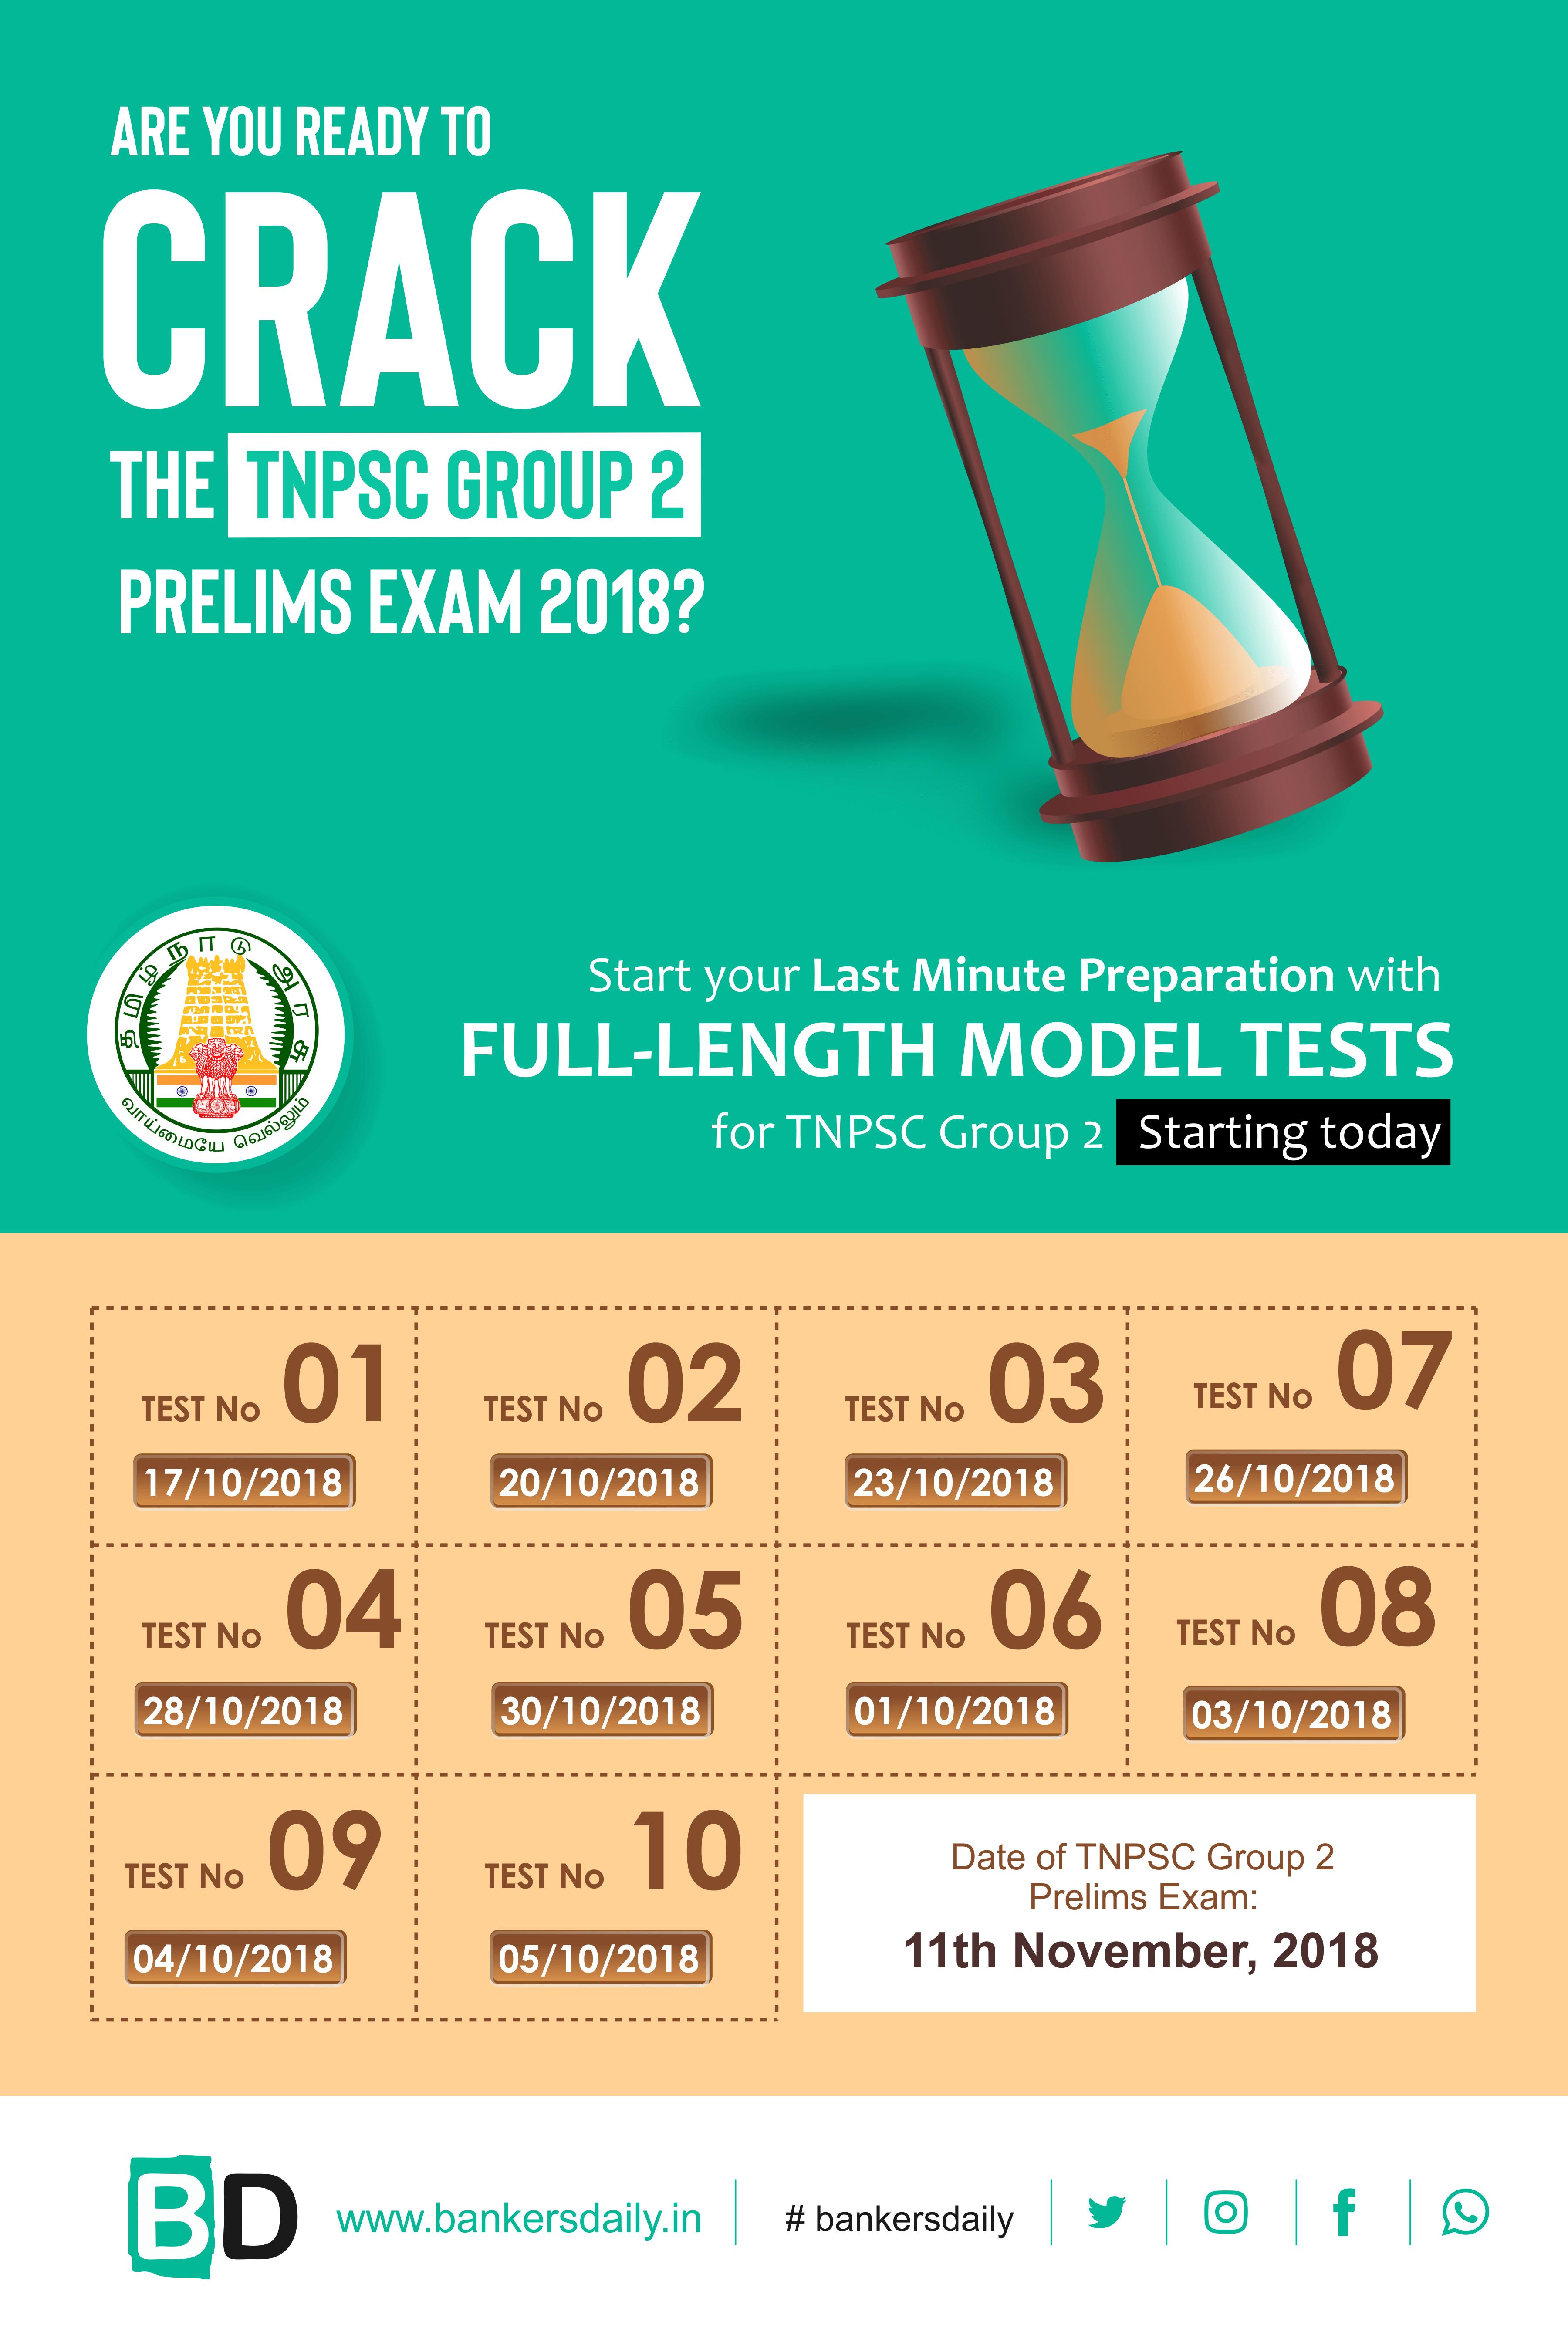 10 FULL LENGTH MOCK TEST for TNPSC GROUP 2 Prelims Exam 2018